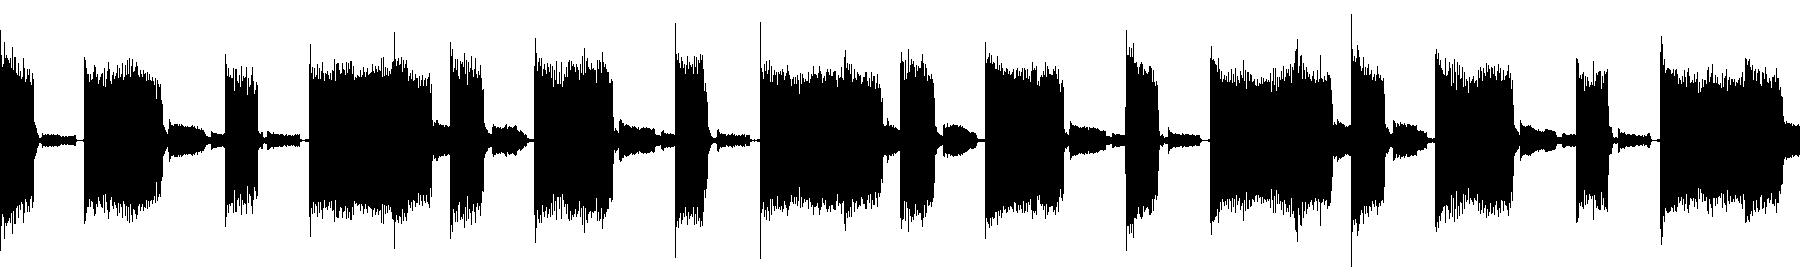 dts chordlp 03b g wet